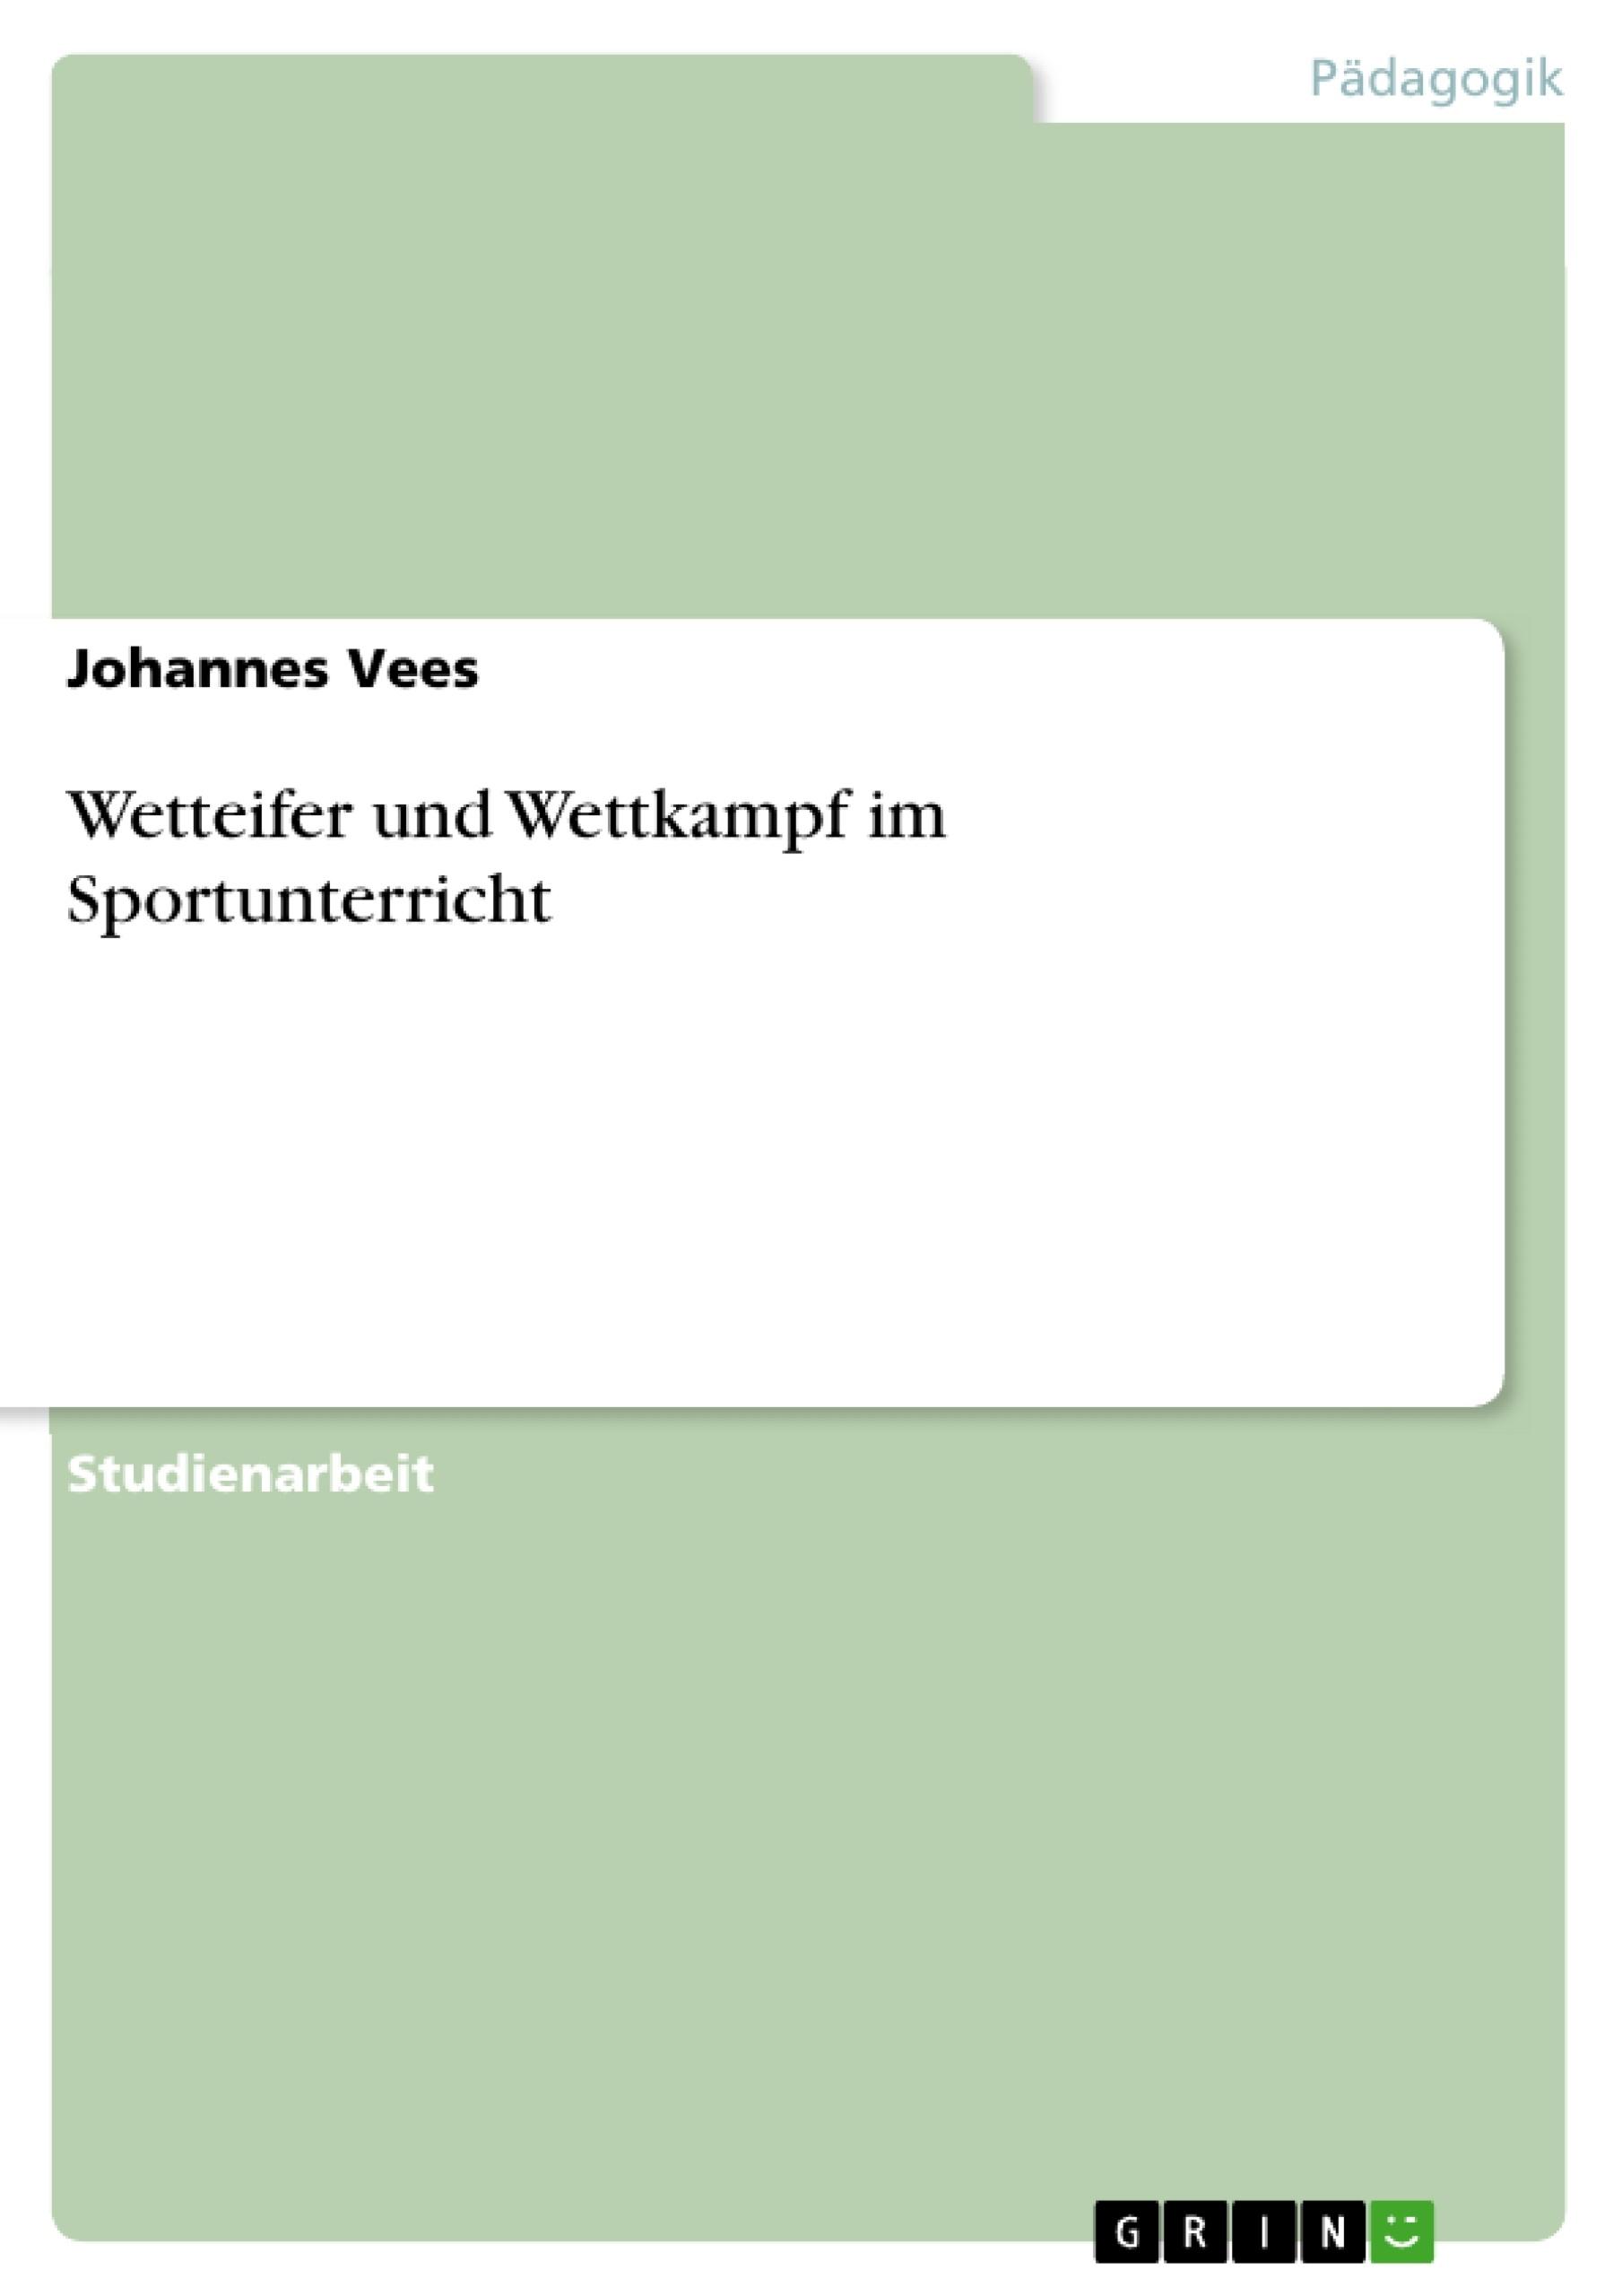 Titel: Wetteifer und Wettkampf im Sportunterricht